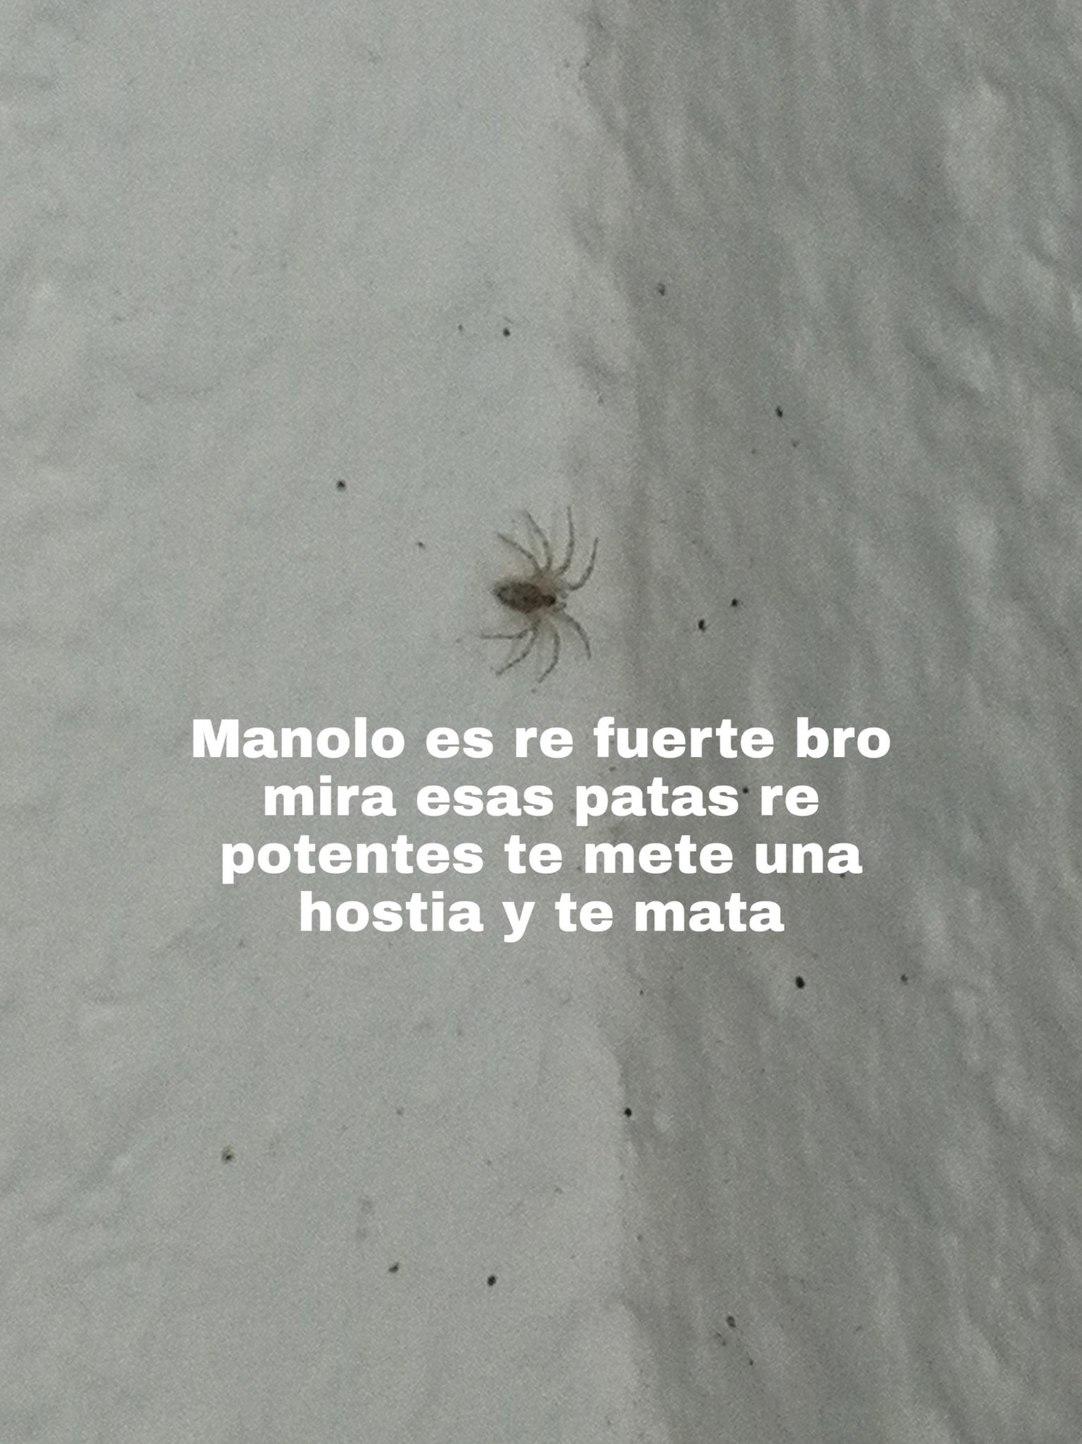 El es Manolo y me preocupa que sea tan grande - meme